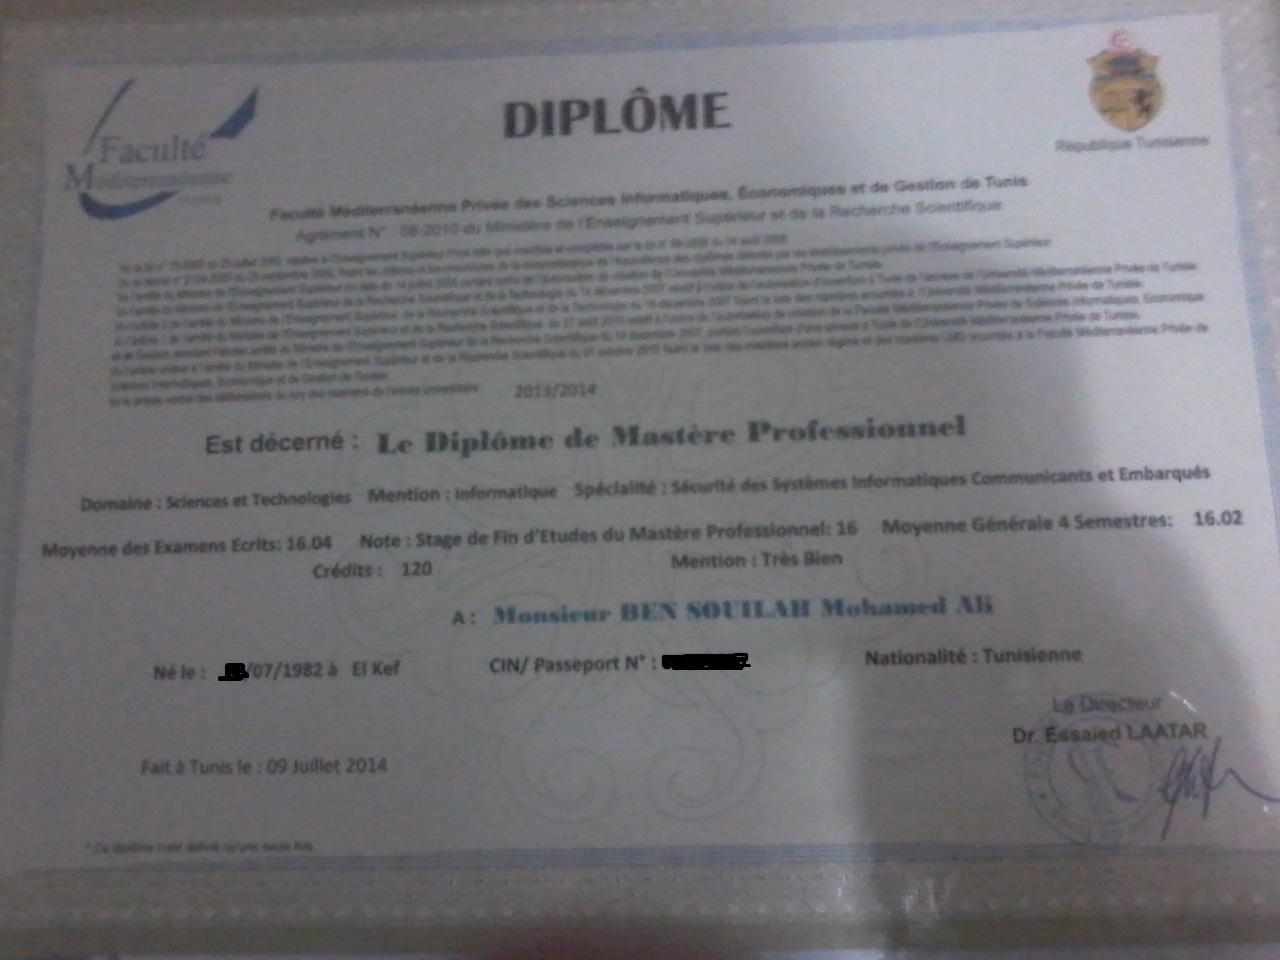 mohamed ali bensouilah - resume